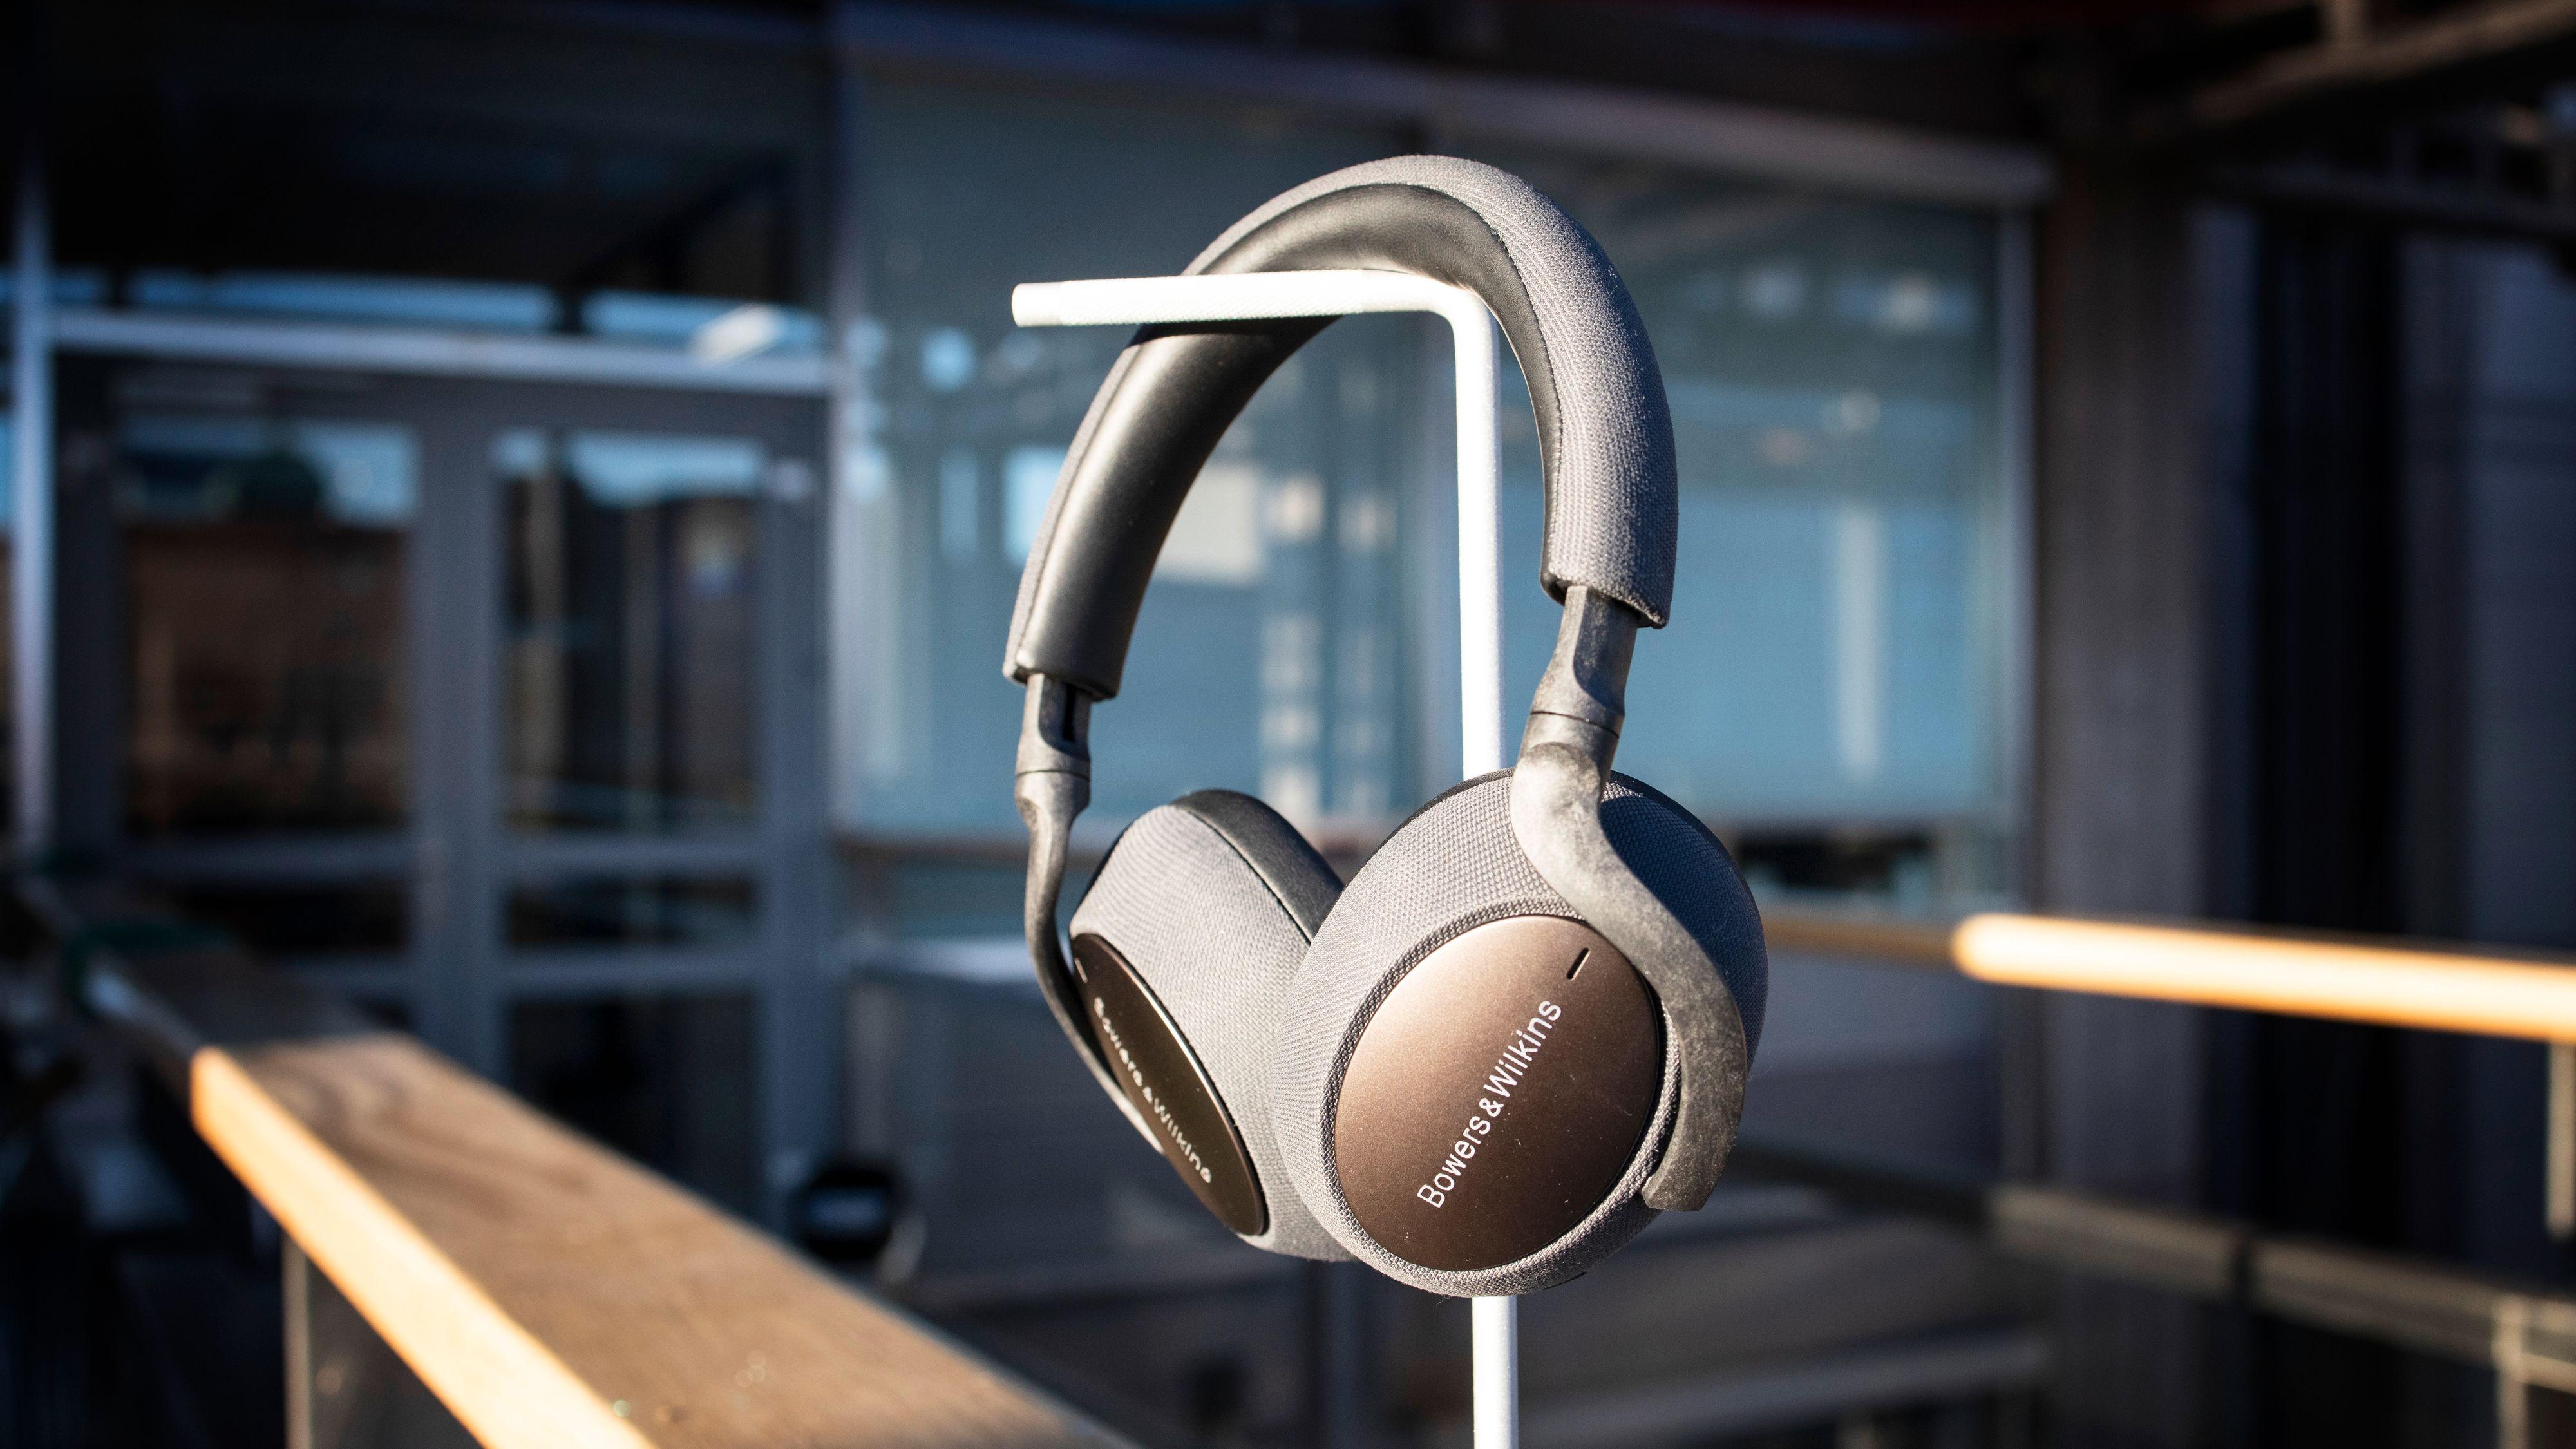 Utfordrer Bose og Sony på støydemping, men lyden er ikke for alle